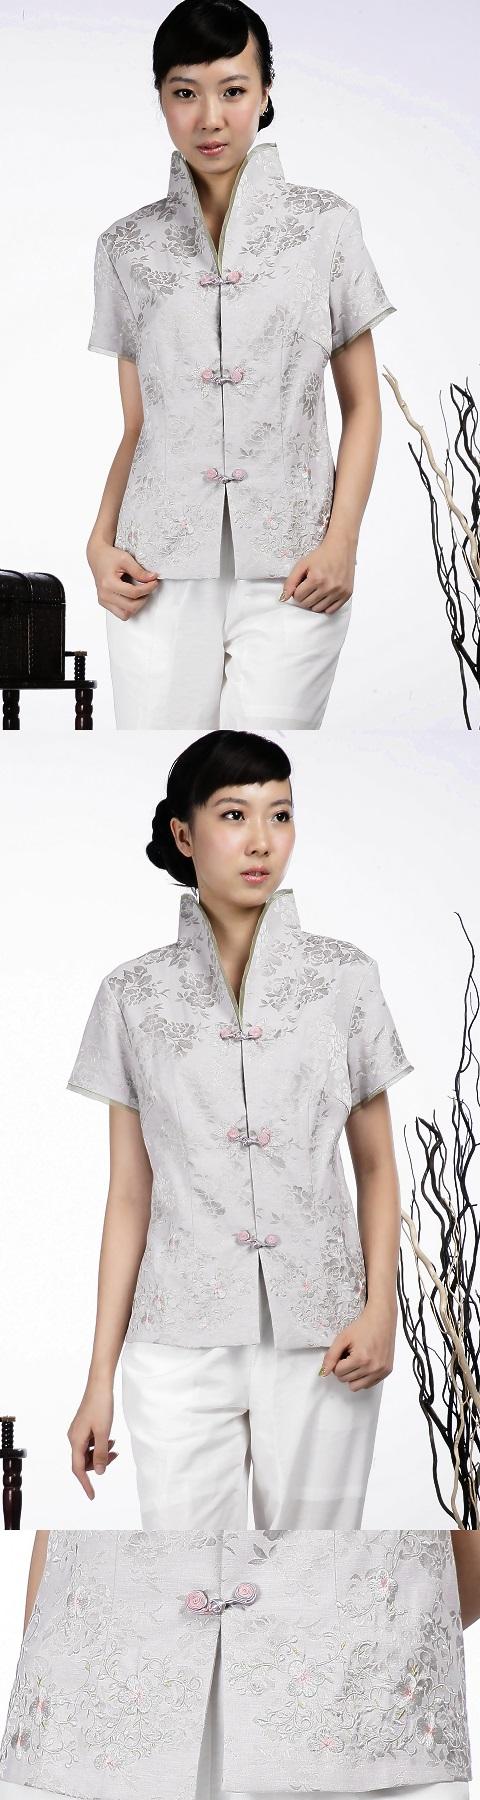 繡花中式短袖上衣(銀灰)